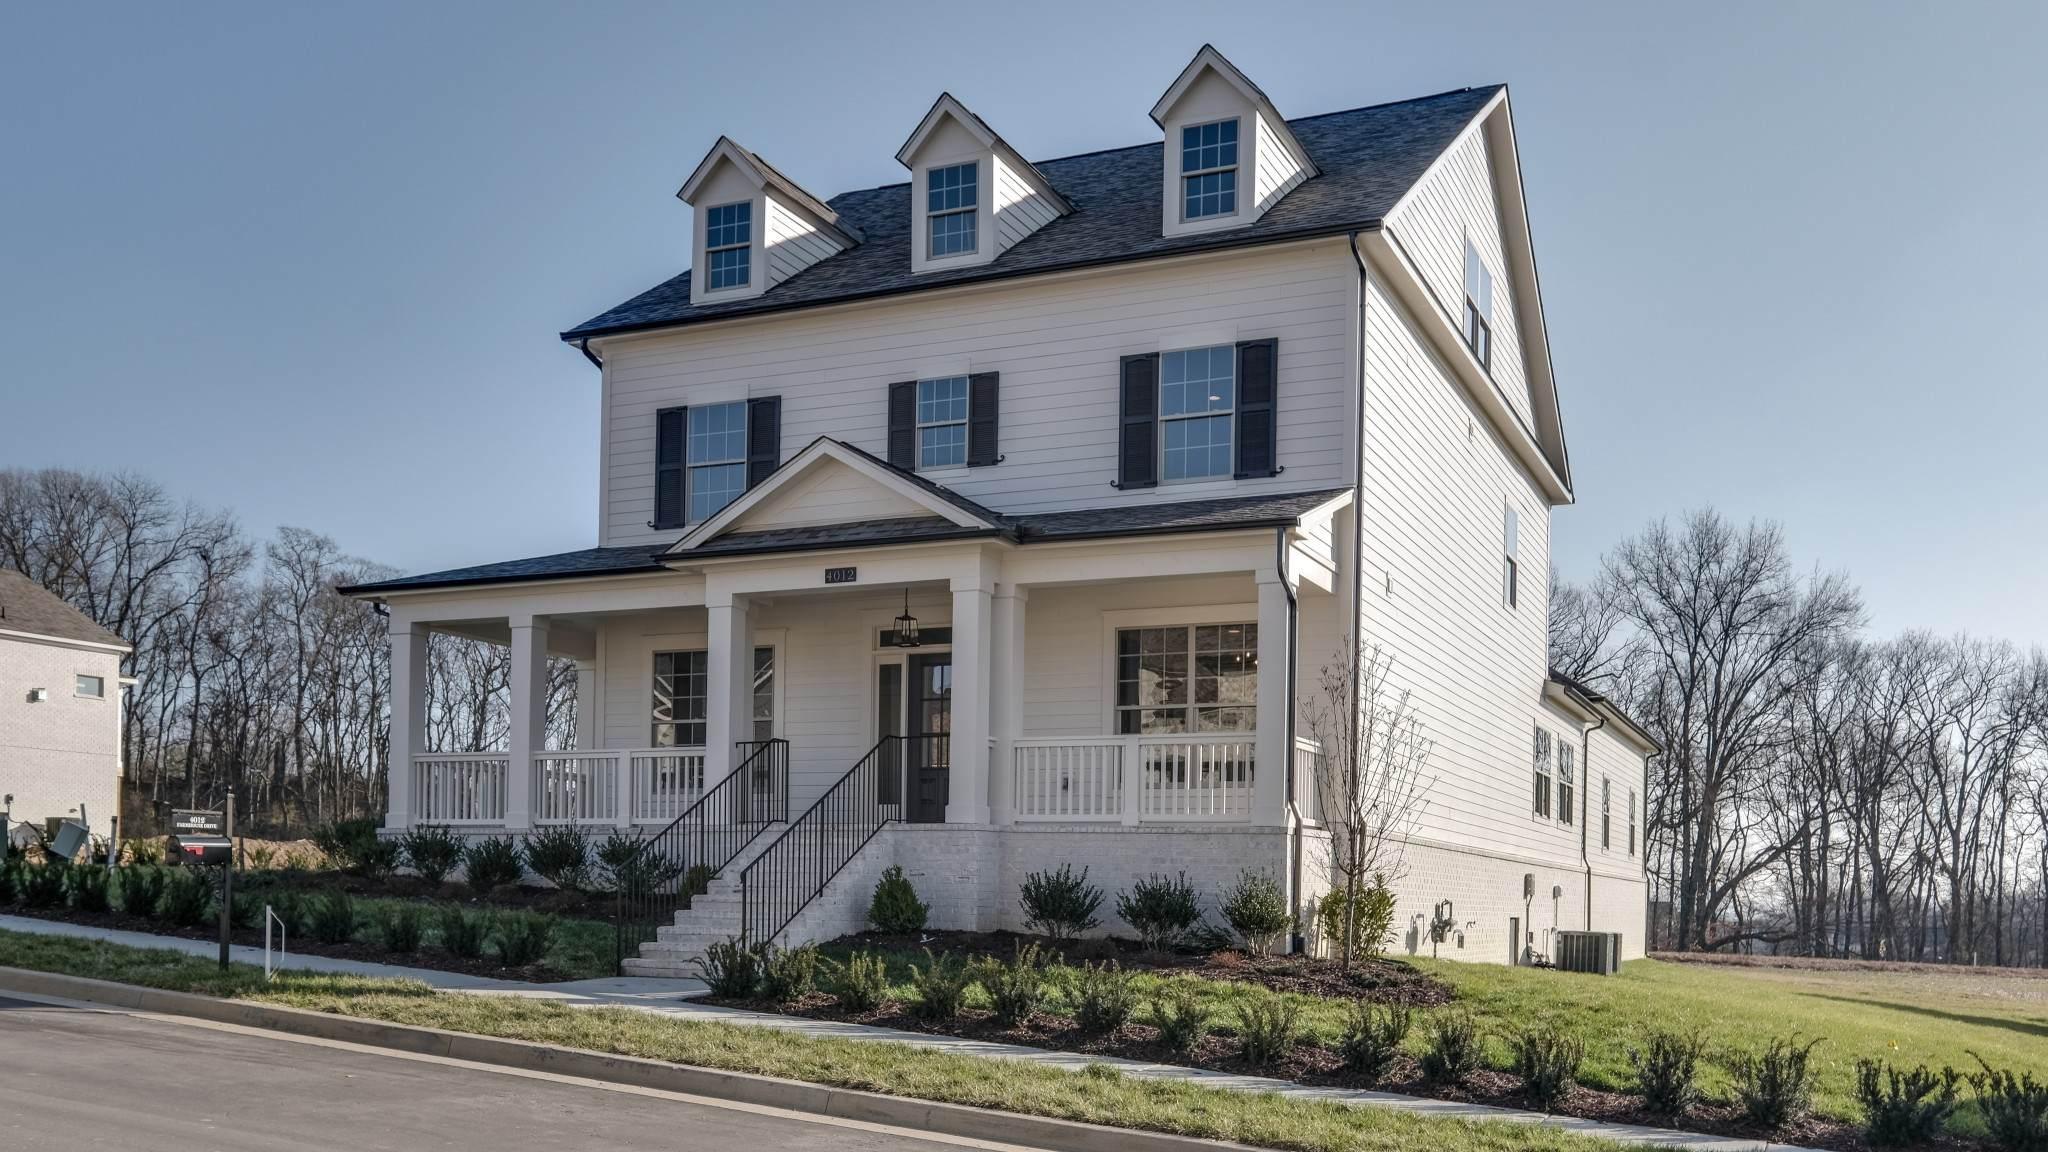 4012 Farmhouse Drive Lot 58, Franklin, TN 37067 (MLS #RTC2049999) :: RE/MAX Choice Properties